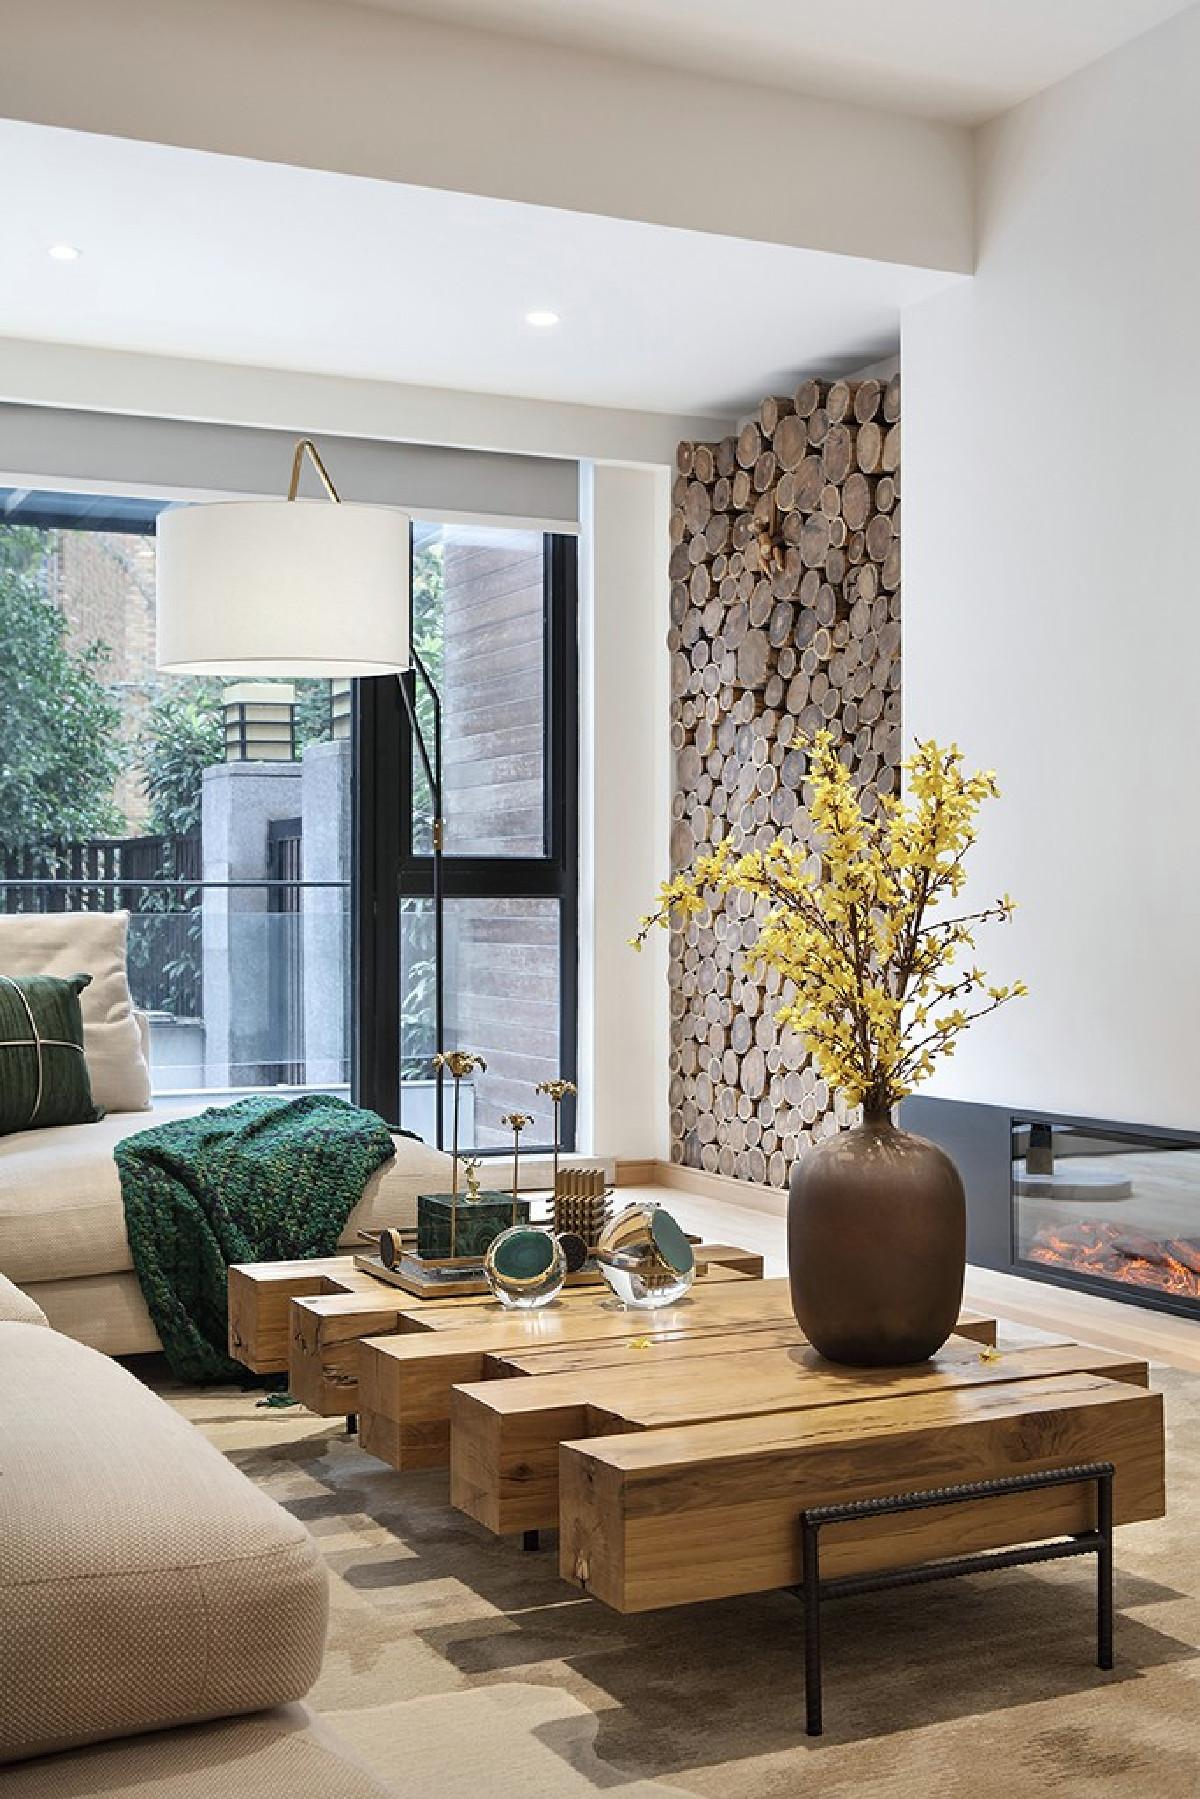 浦江华侨城别墅项目装修现代风格设计方案展示,上海腾龙别墅设计作品,欢迎品鉴